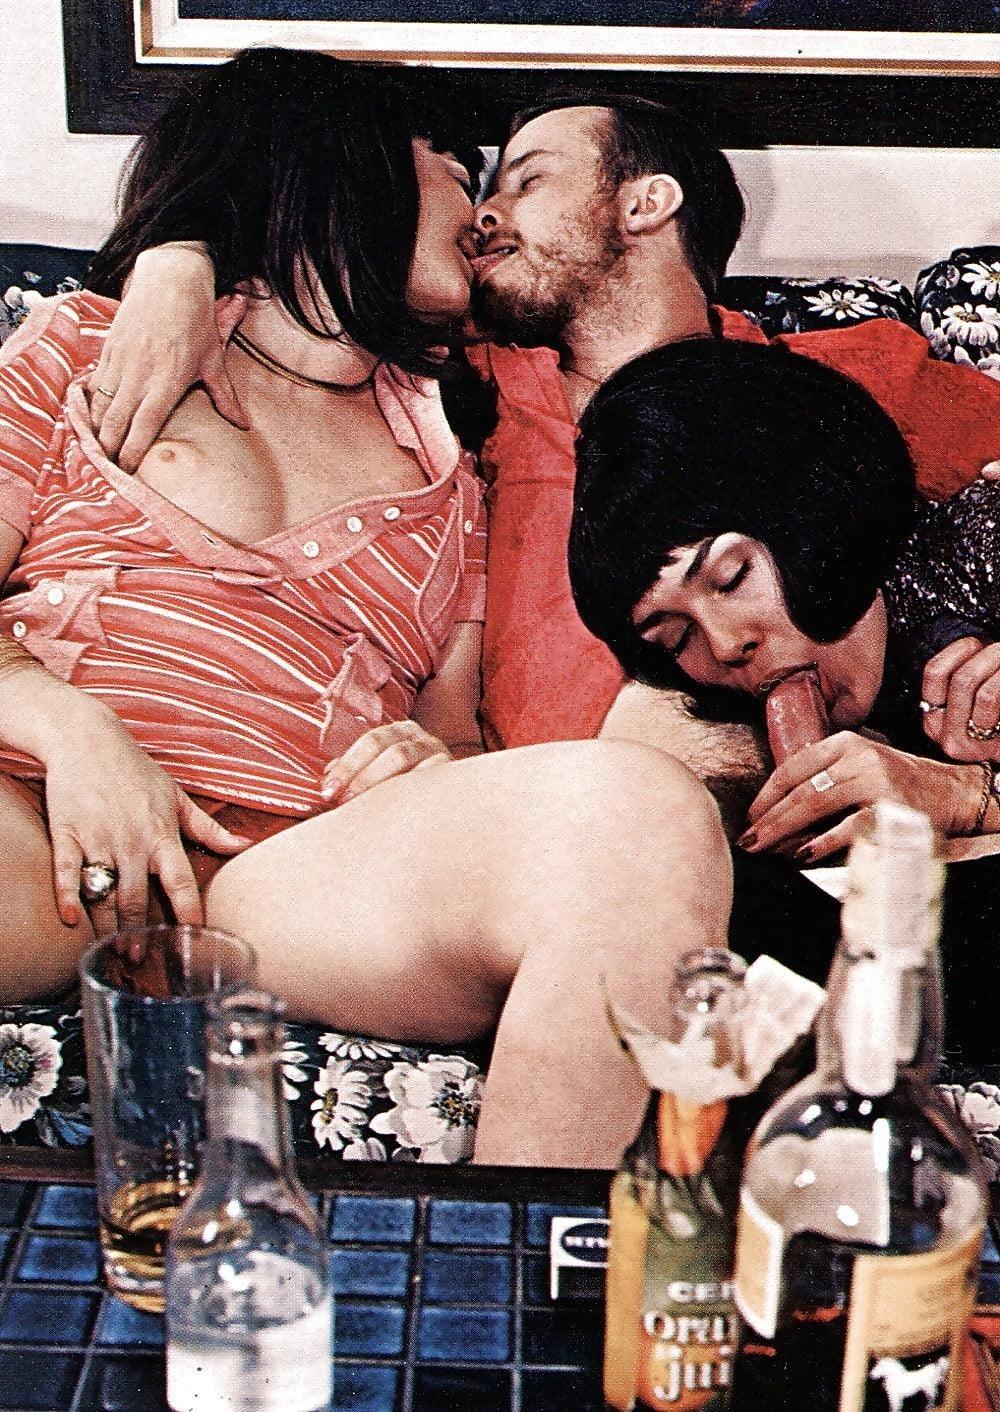 Bbw porn threesome-6933